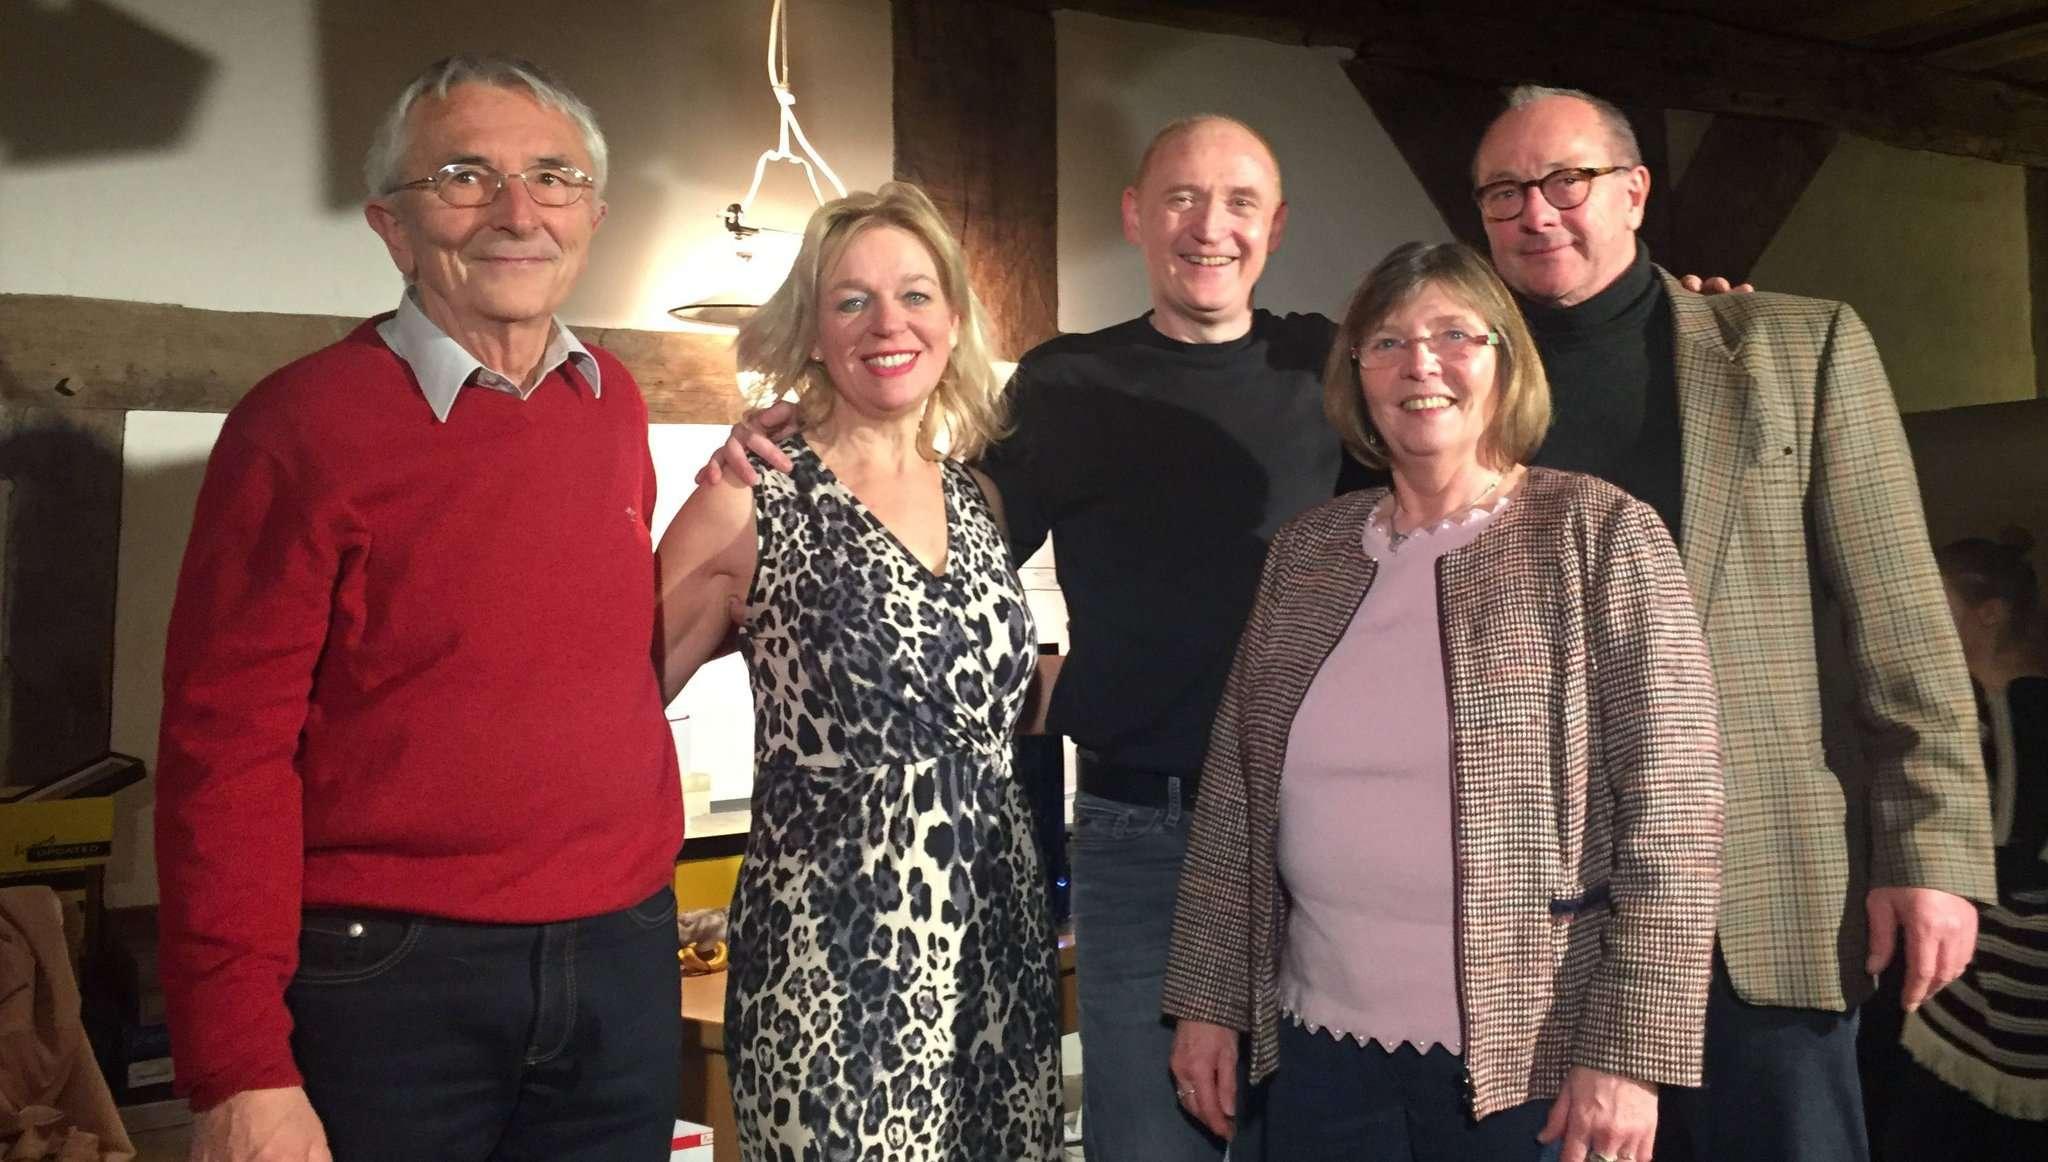 Noch im Januar gratulierten Jürgen Schmidt (links), Hans-Wilhelm Meyer (von rechts) und Anke Lütjens dem Theaterduo von Lafibo zur gelungen Aufführung. Foto: Janila Dierks